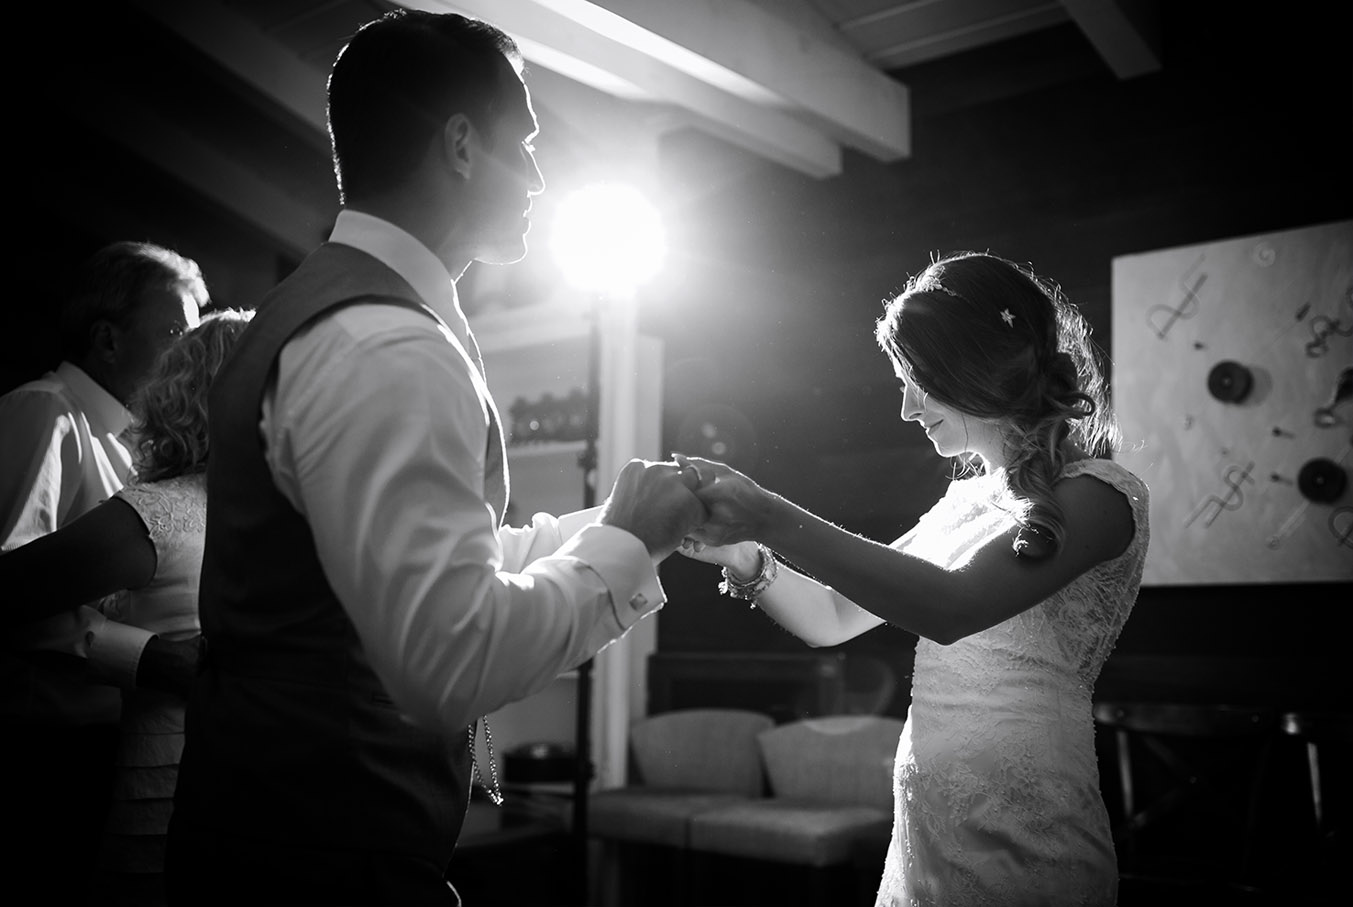 Vienna_Wien_Atzenbrugg_Hochzeit_Paar_Verlobung_Engagement_76